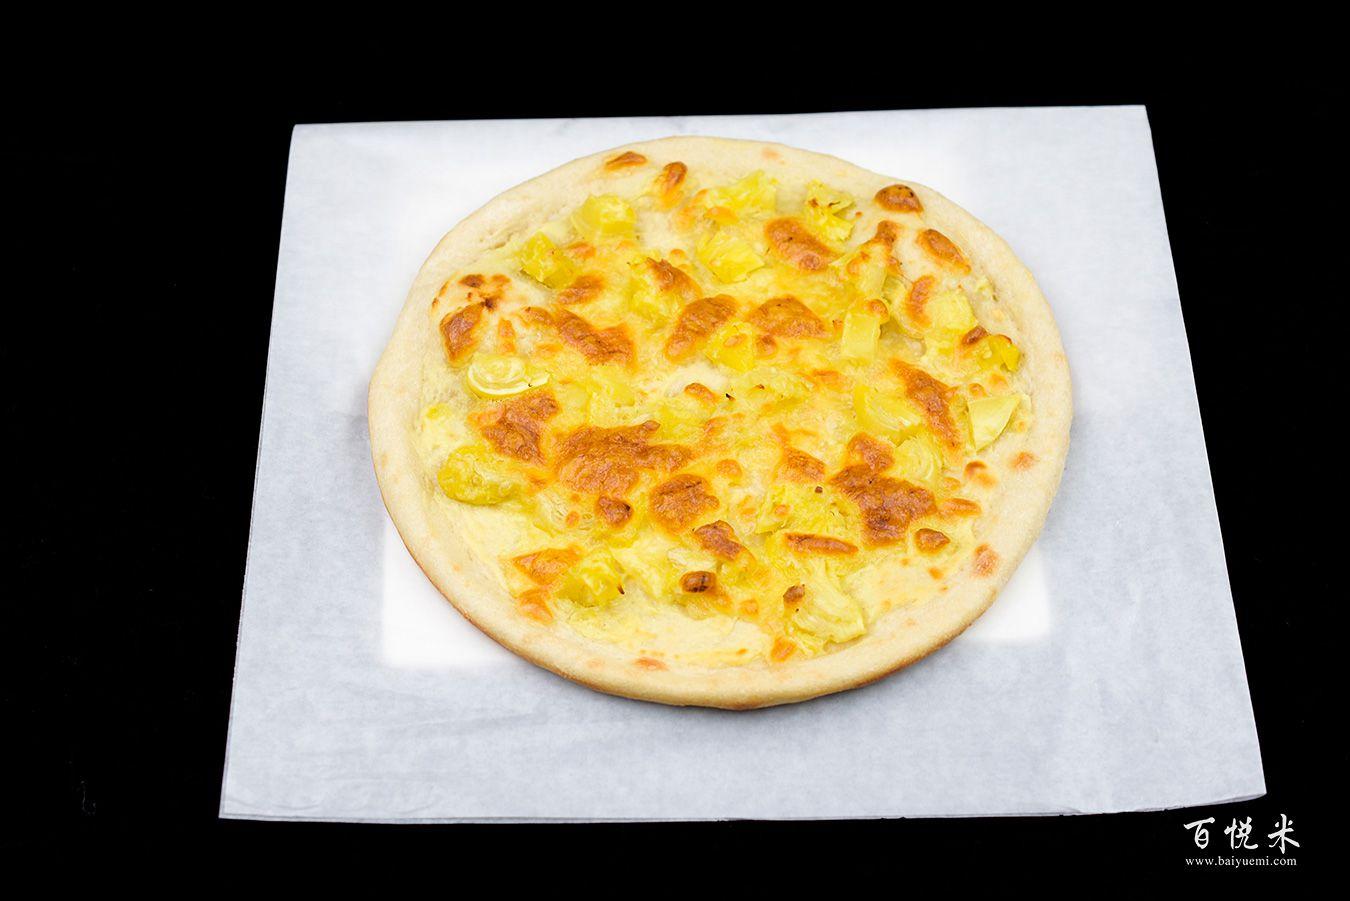 榴莲披萨高清图片大全【蛋糕图片】_795